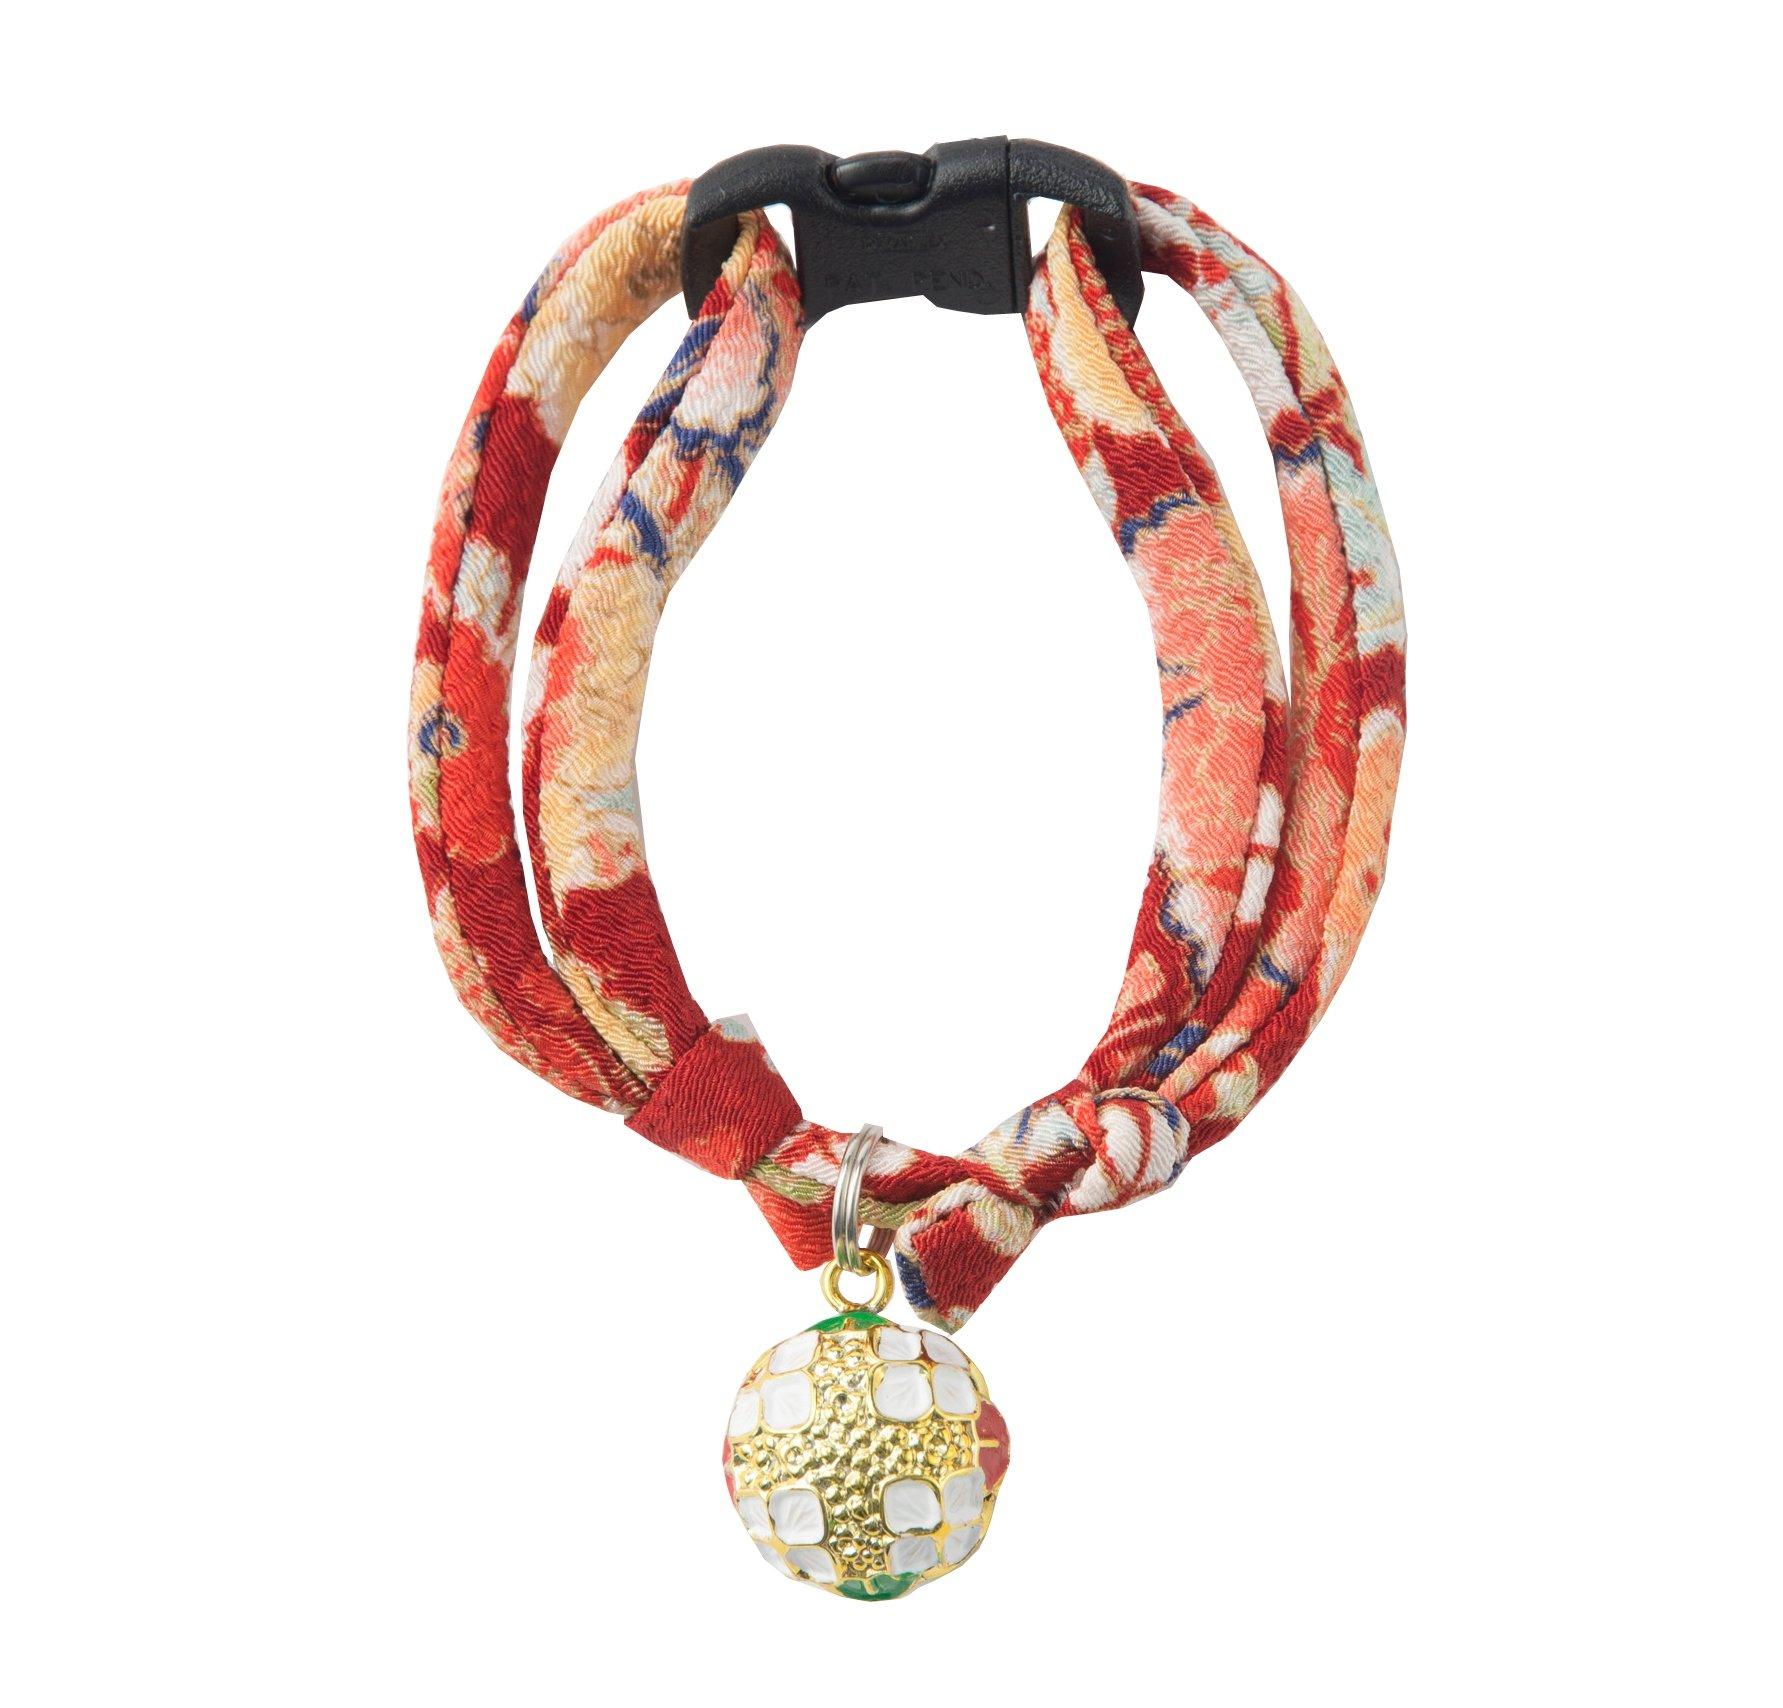 Necoichi Chirimen Temari Dynasty Cat Collar (Red) by Necoichi